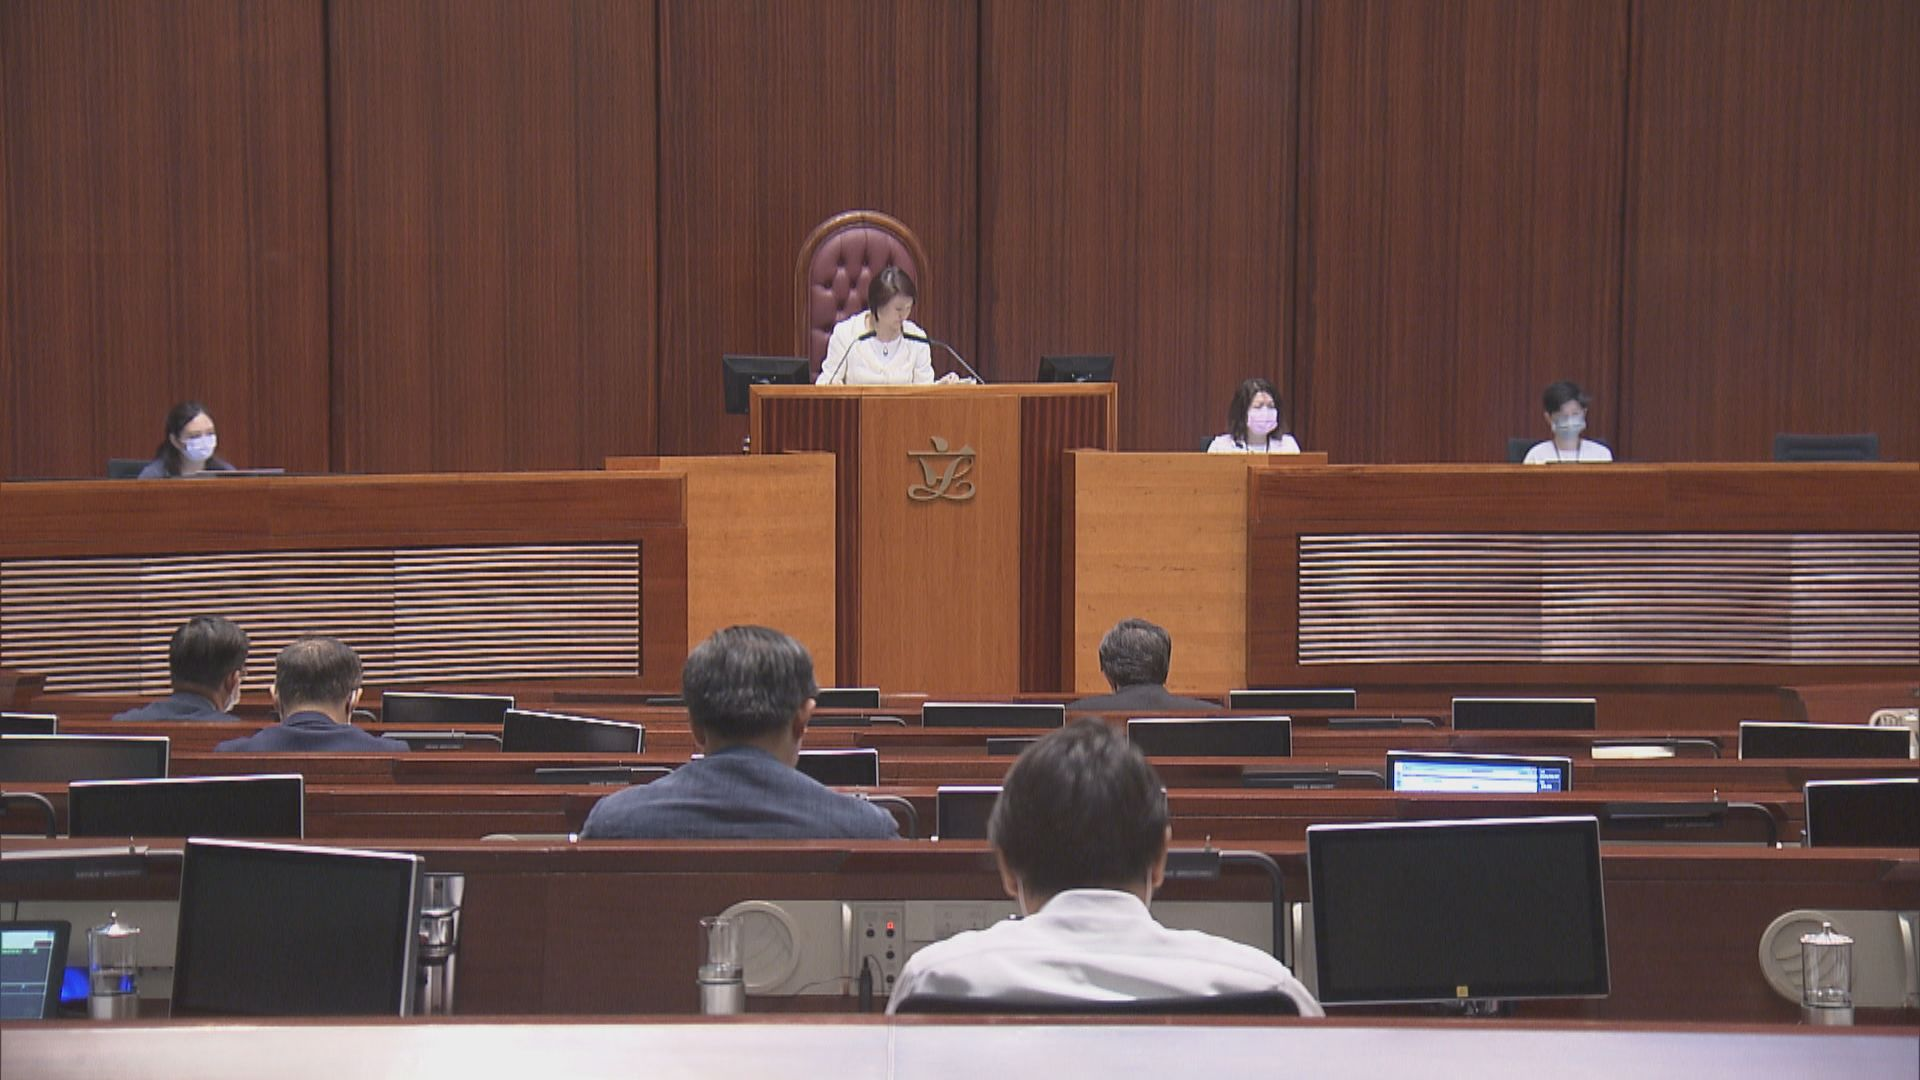 立法會二讀通過選舉修例 曾國衞:市民反應正面